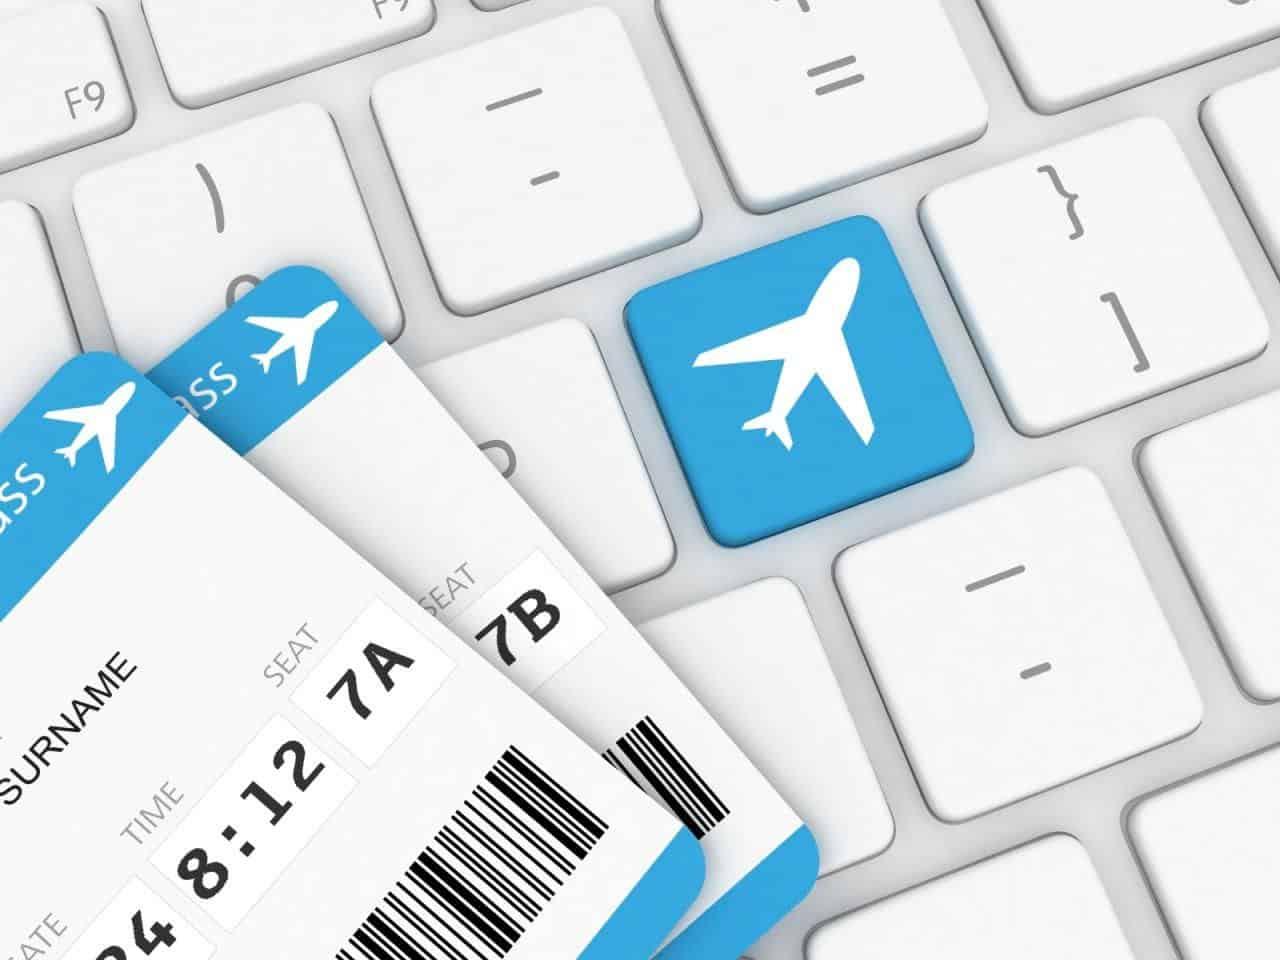 Đặt sớm vé máy bay để được giá rẻ - Nguồn ảnh: Internet